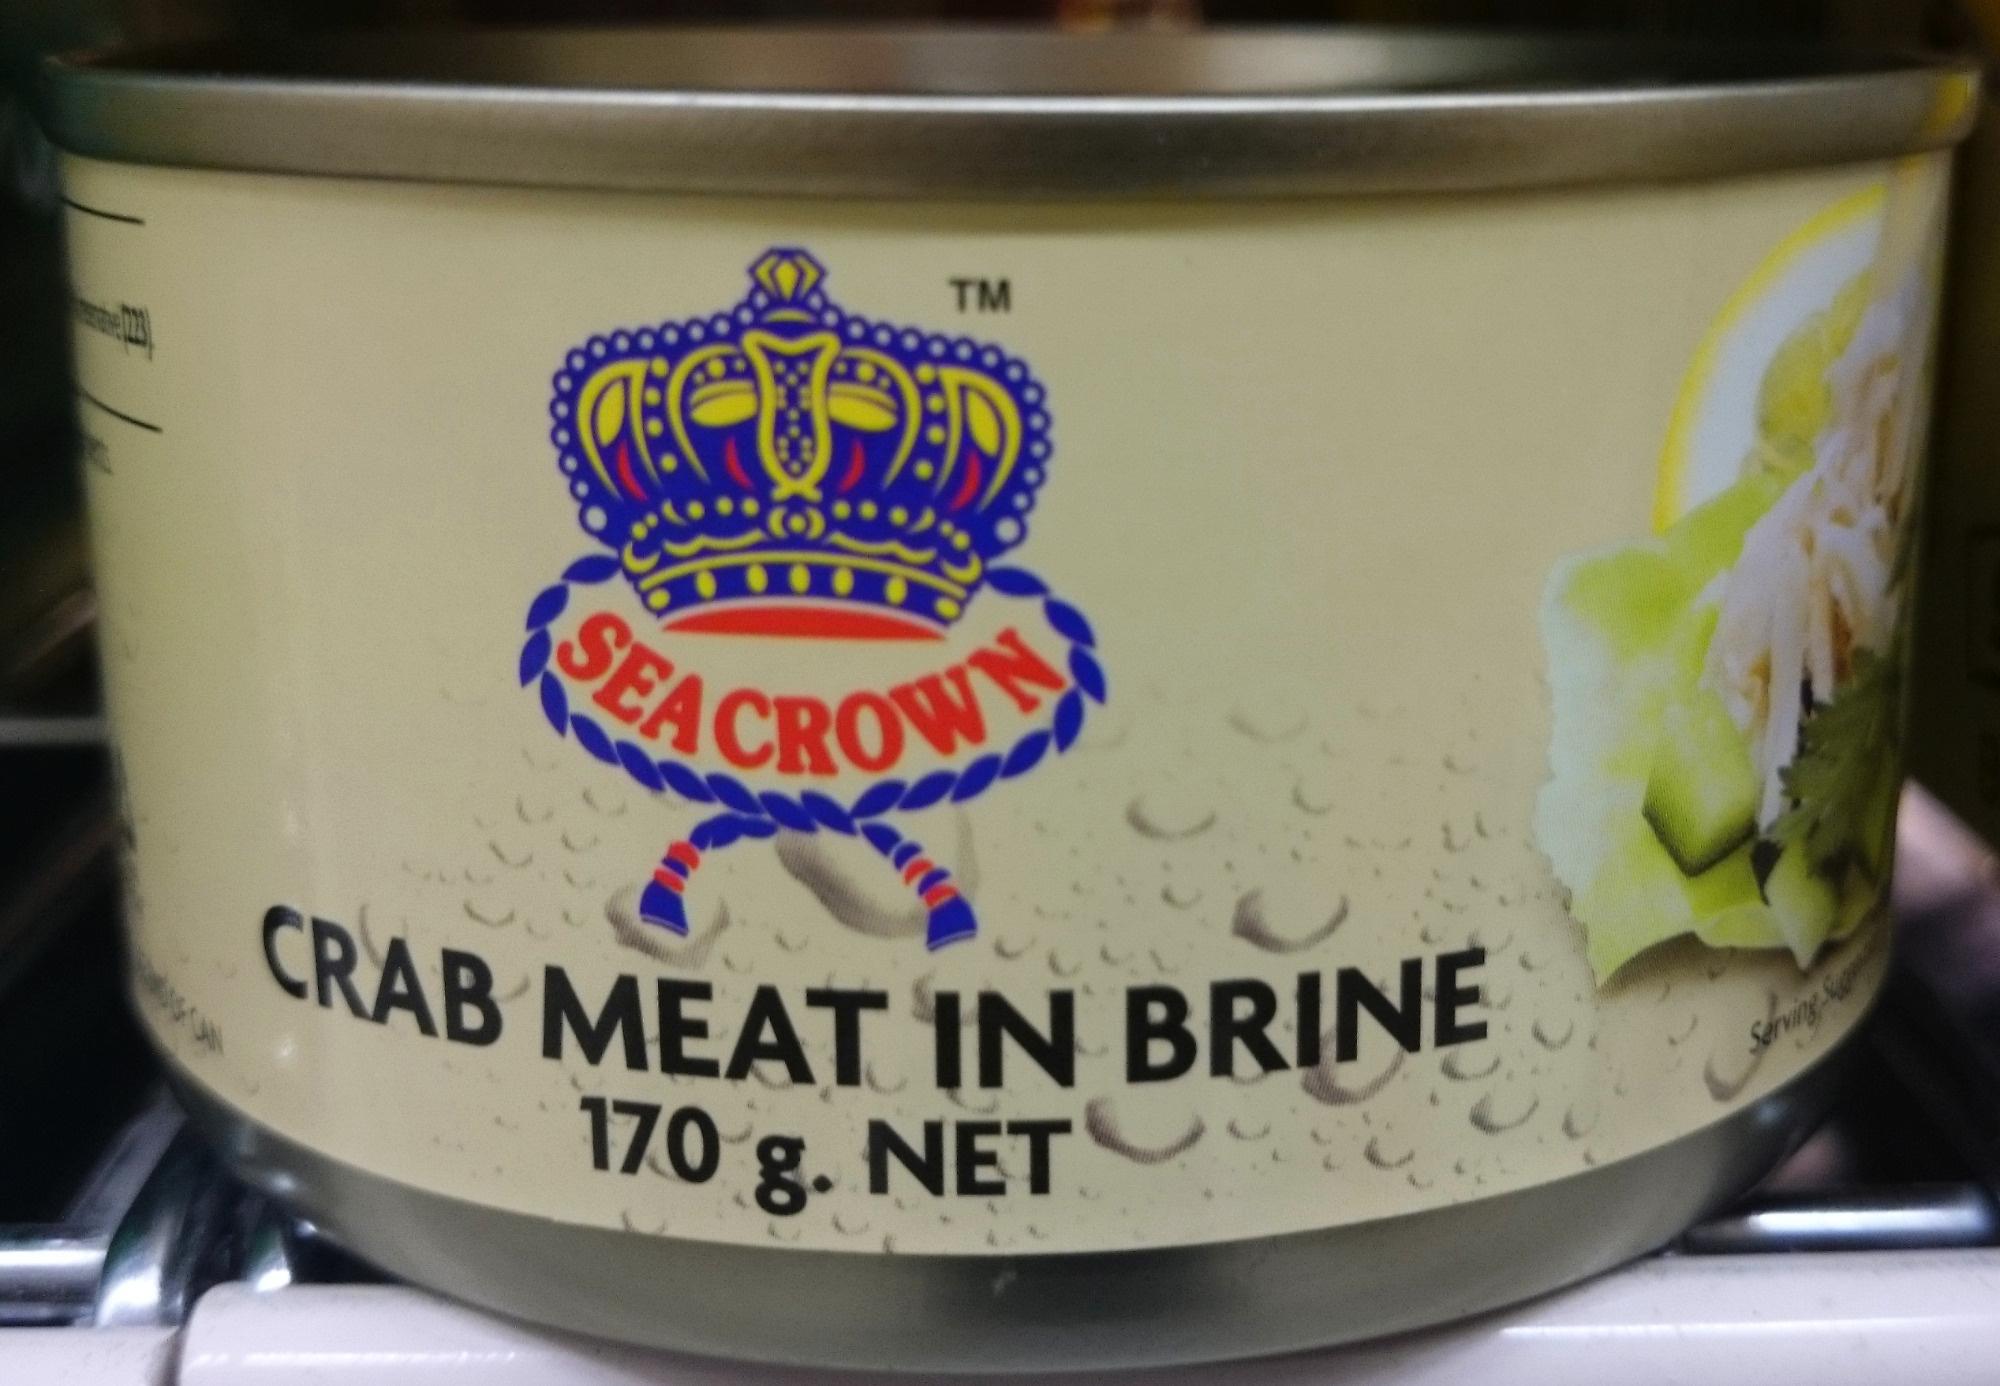 Seacrown Crab Meat in Brine - Product - en